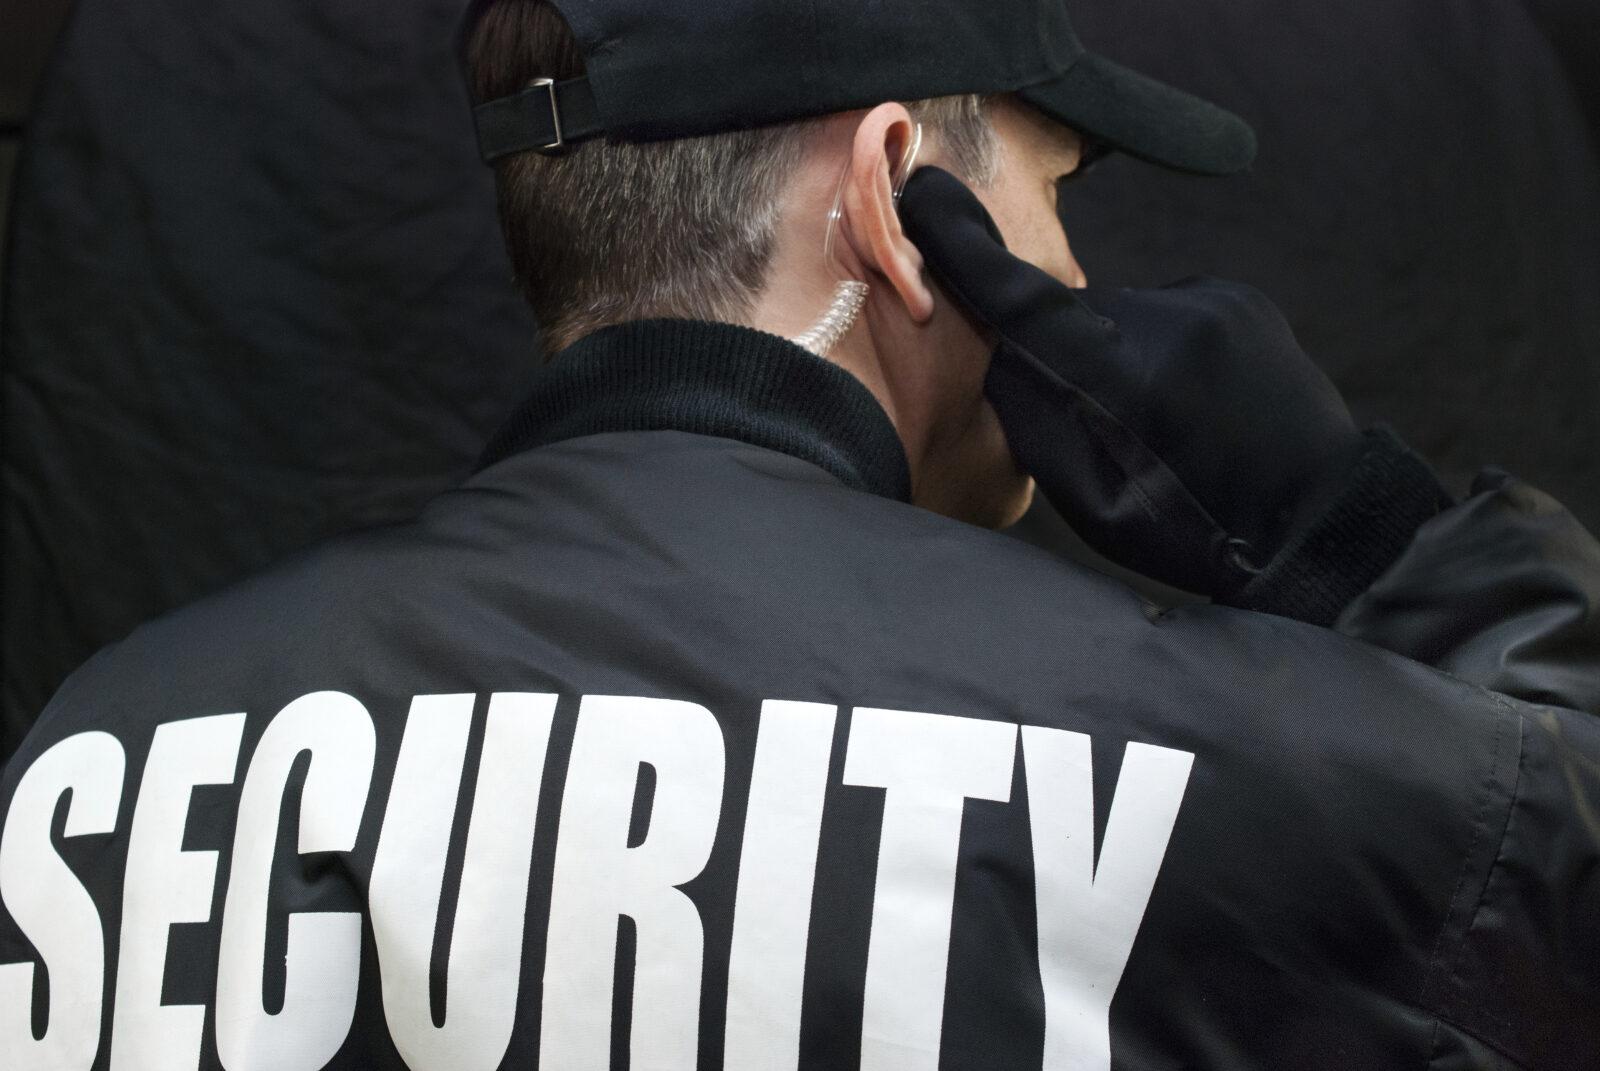 Hiring a Security Guard